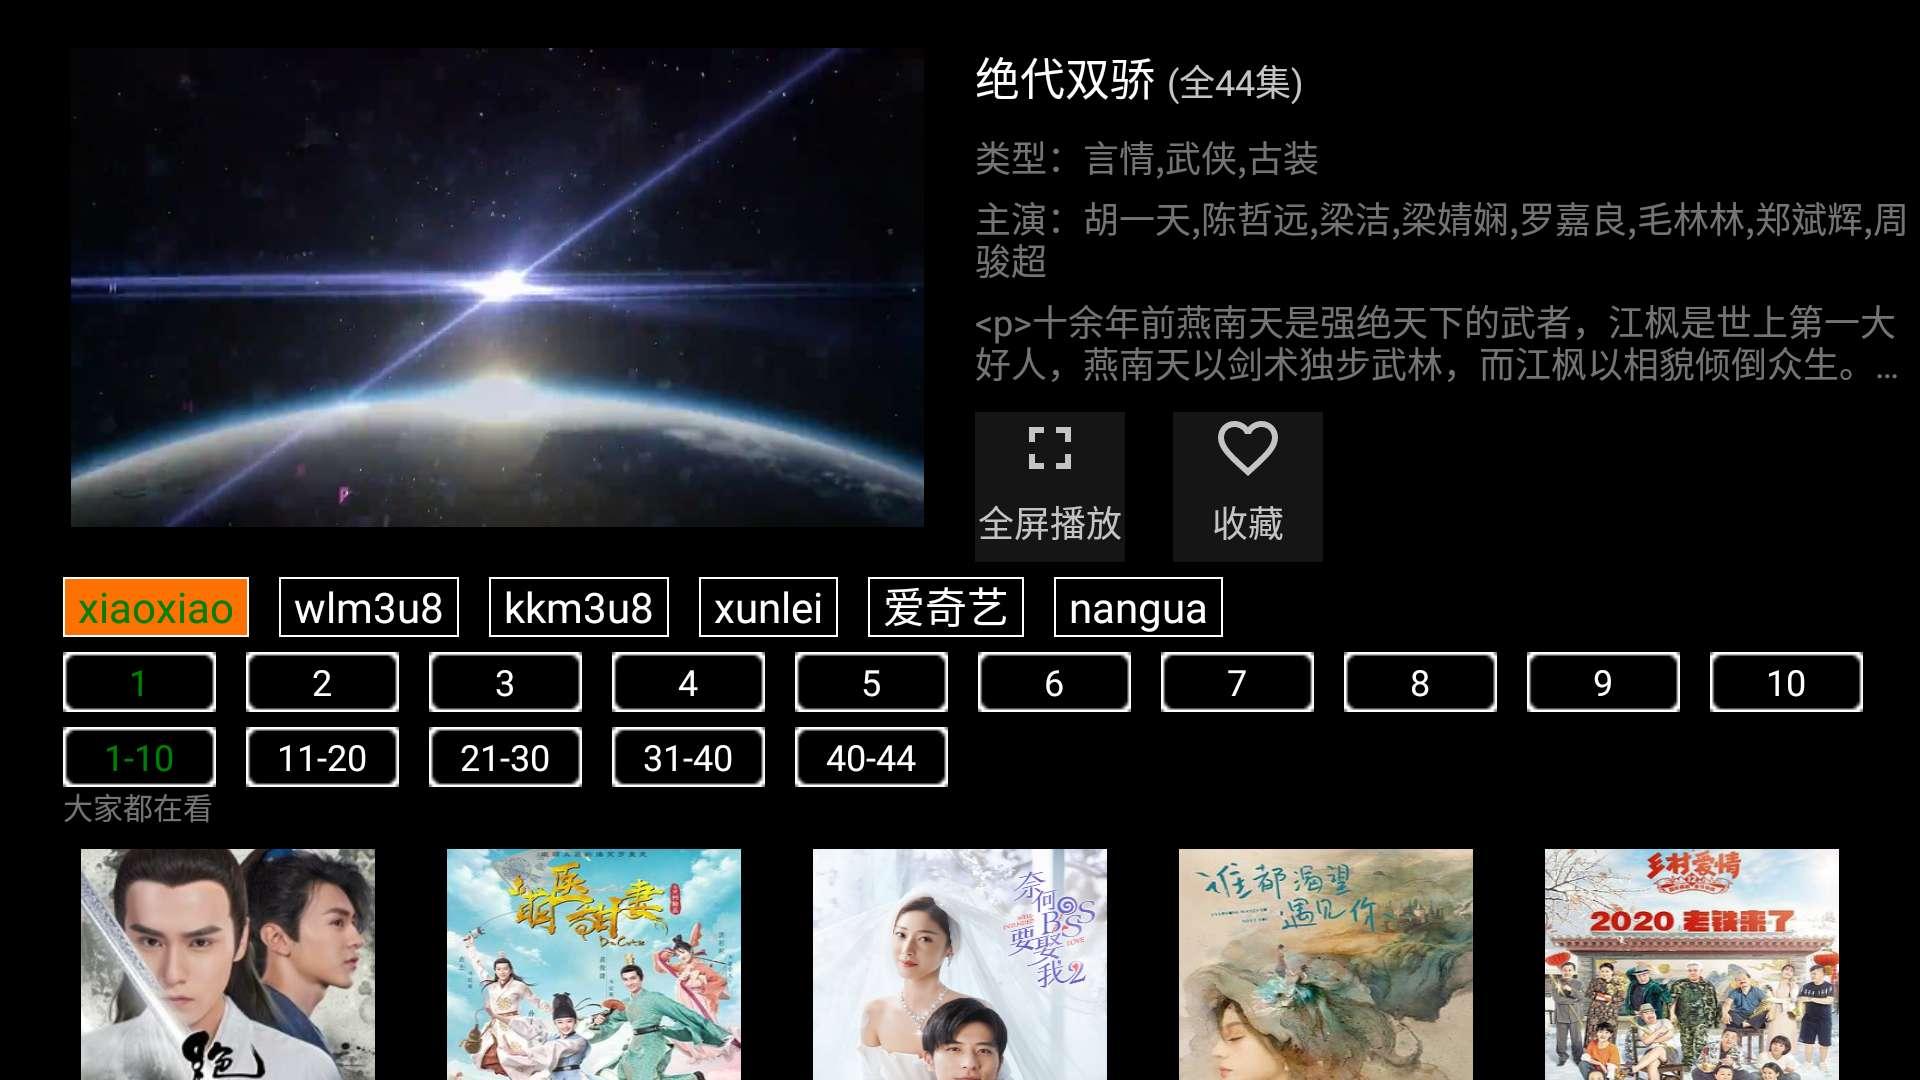 【分享】电视盒子软件,看遍全网所有最新影视